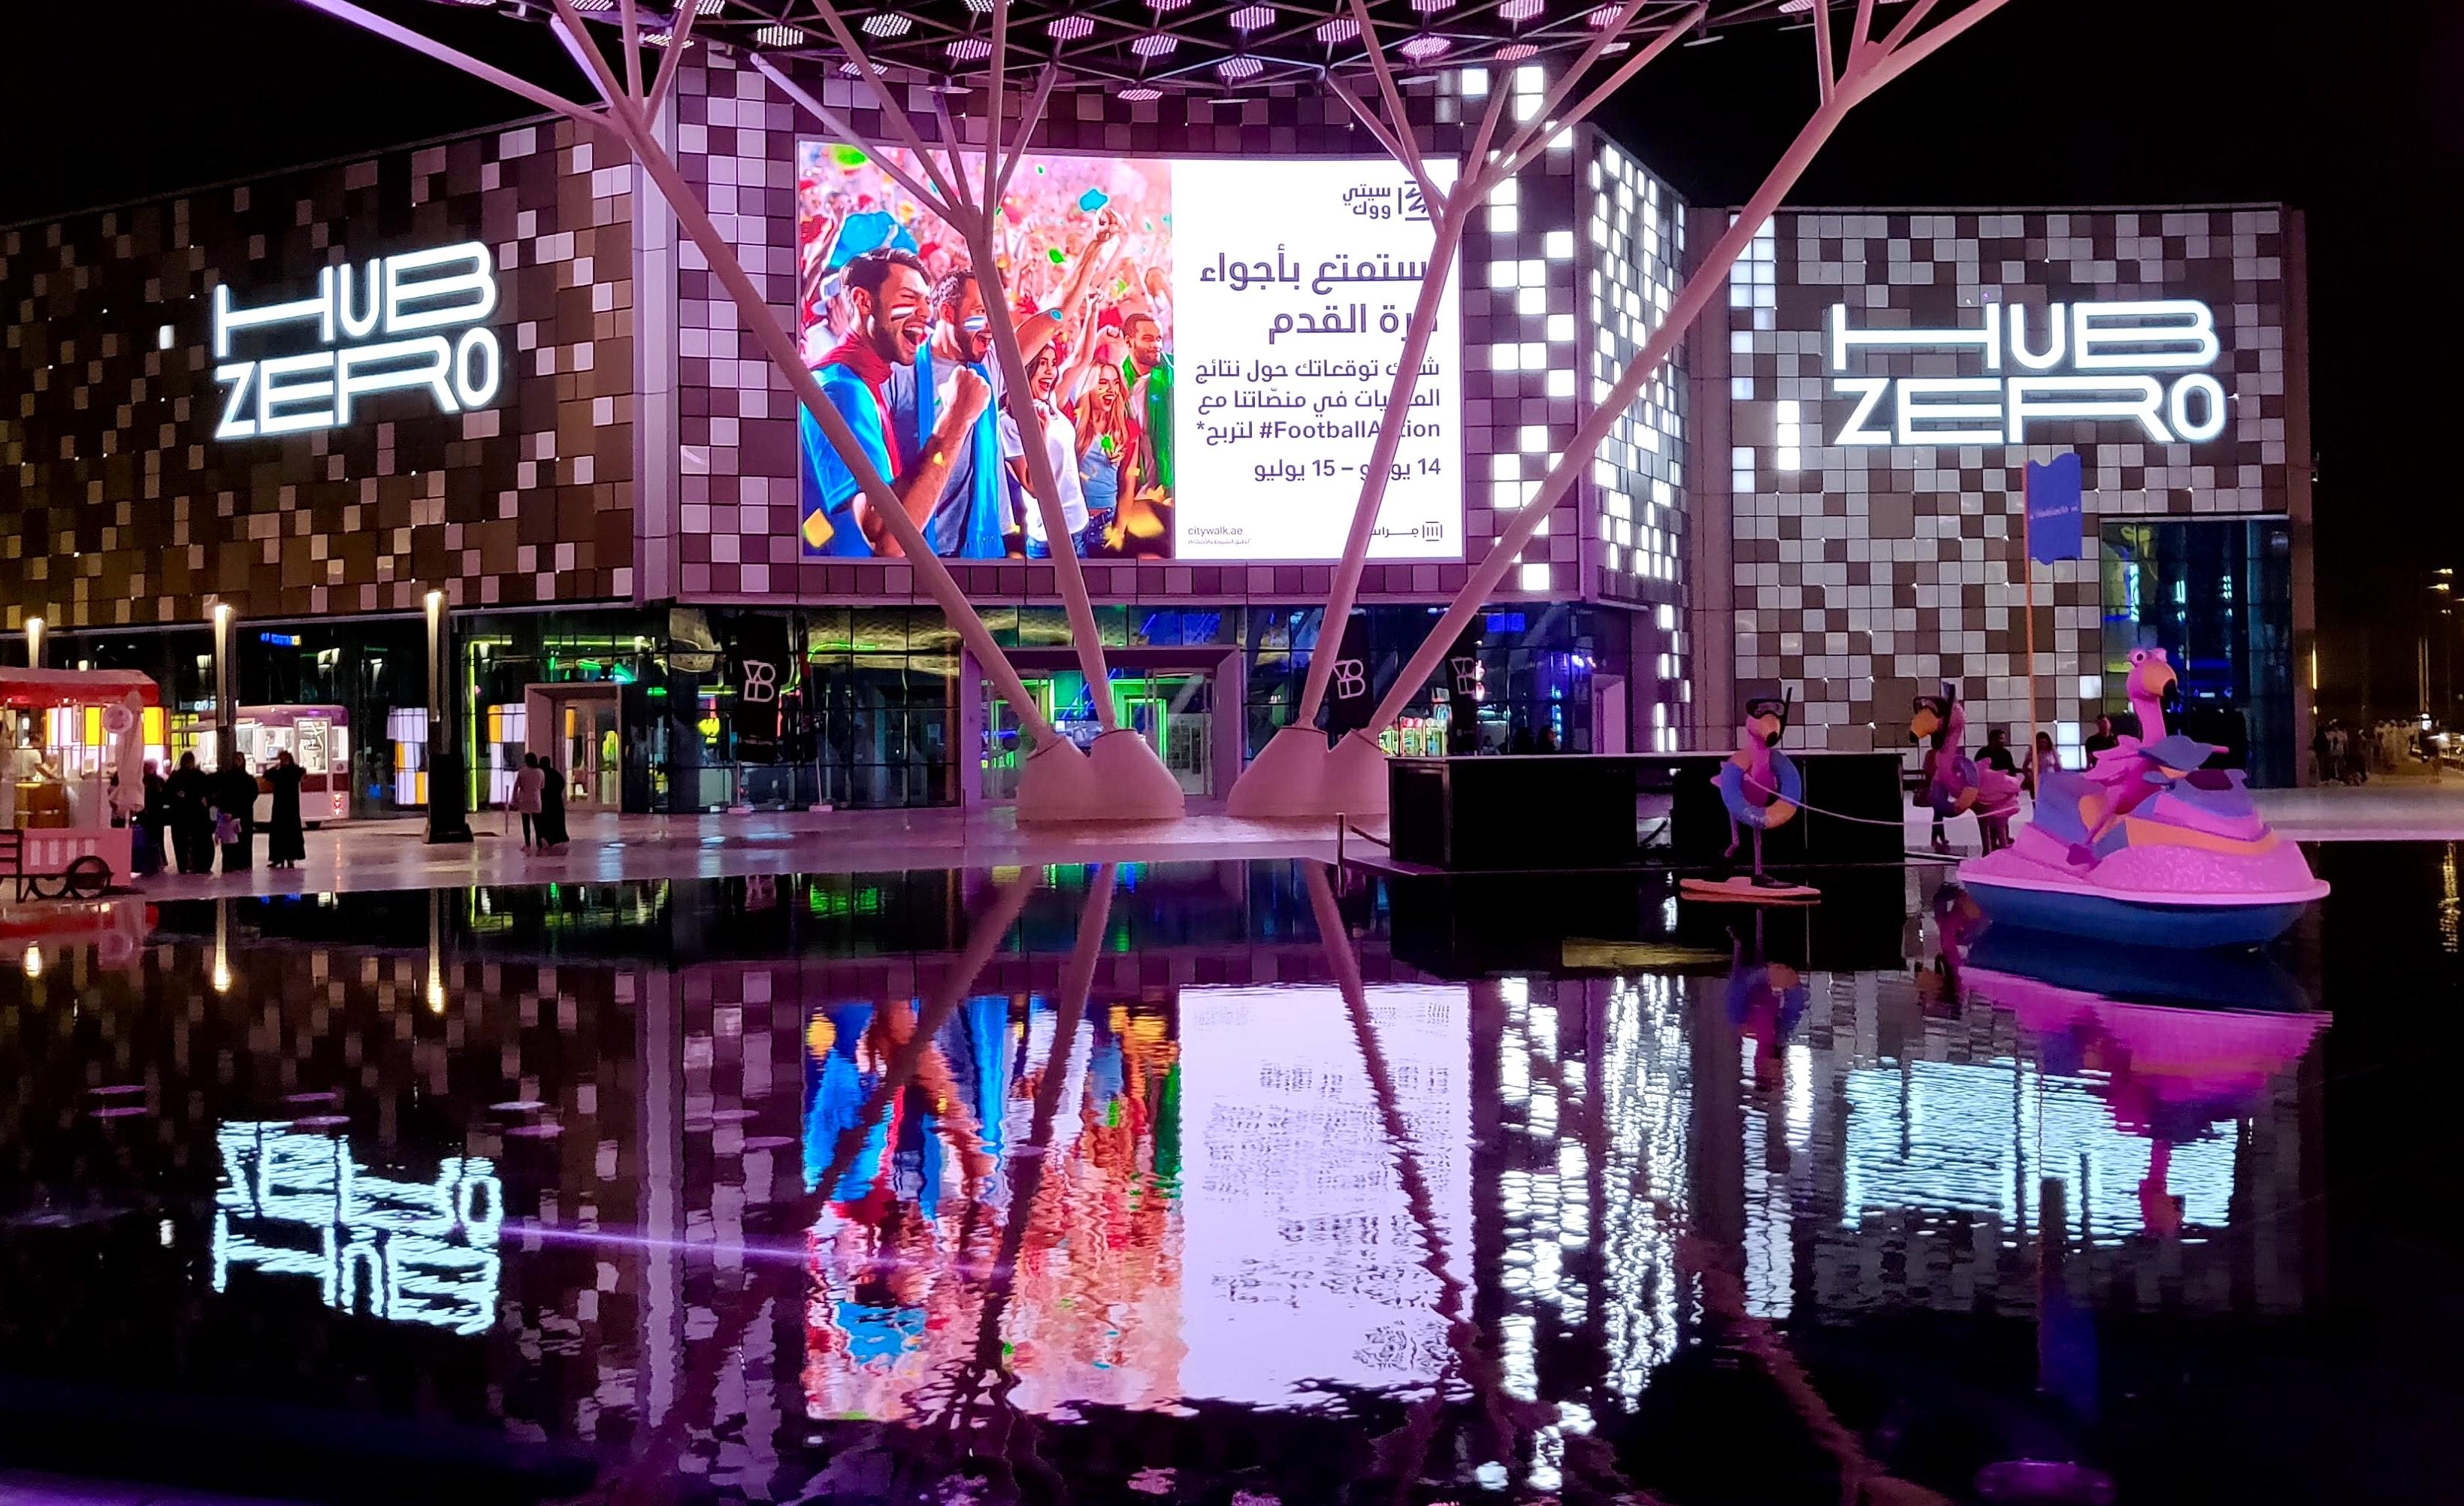 The architecture of Hub Zero Dubai